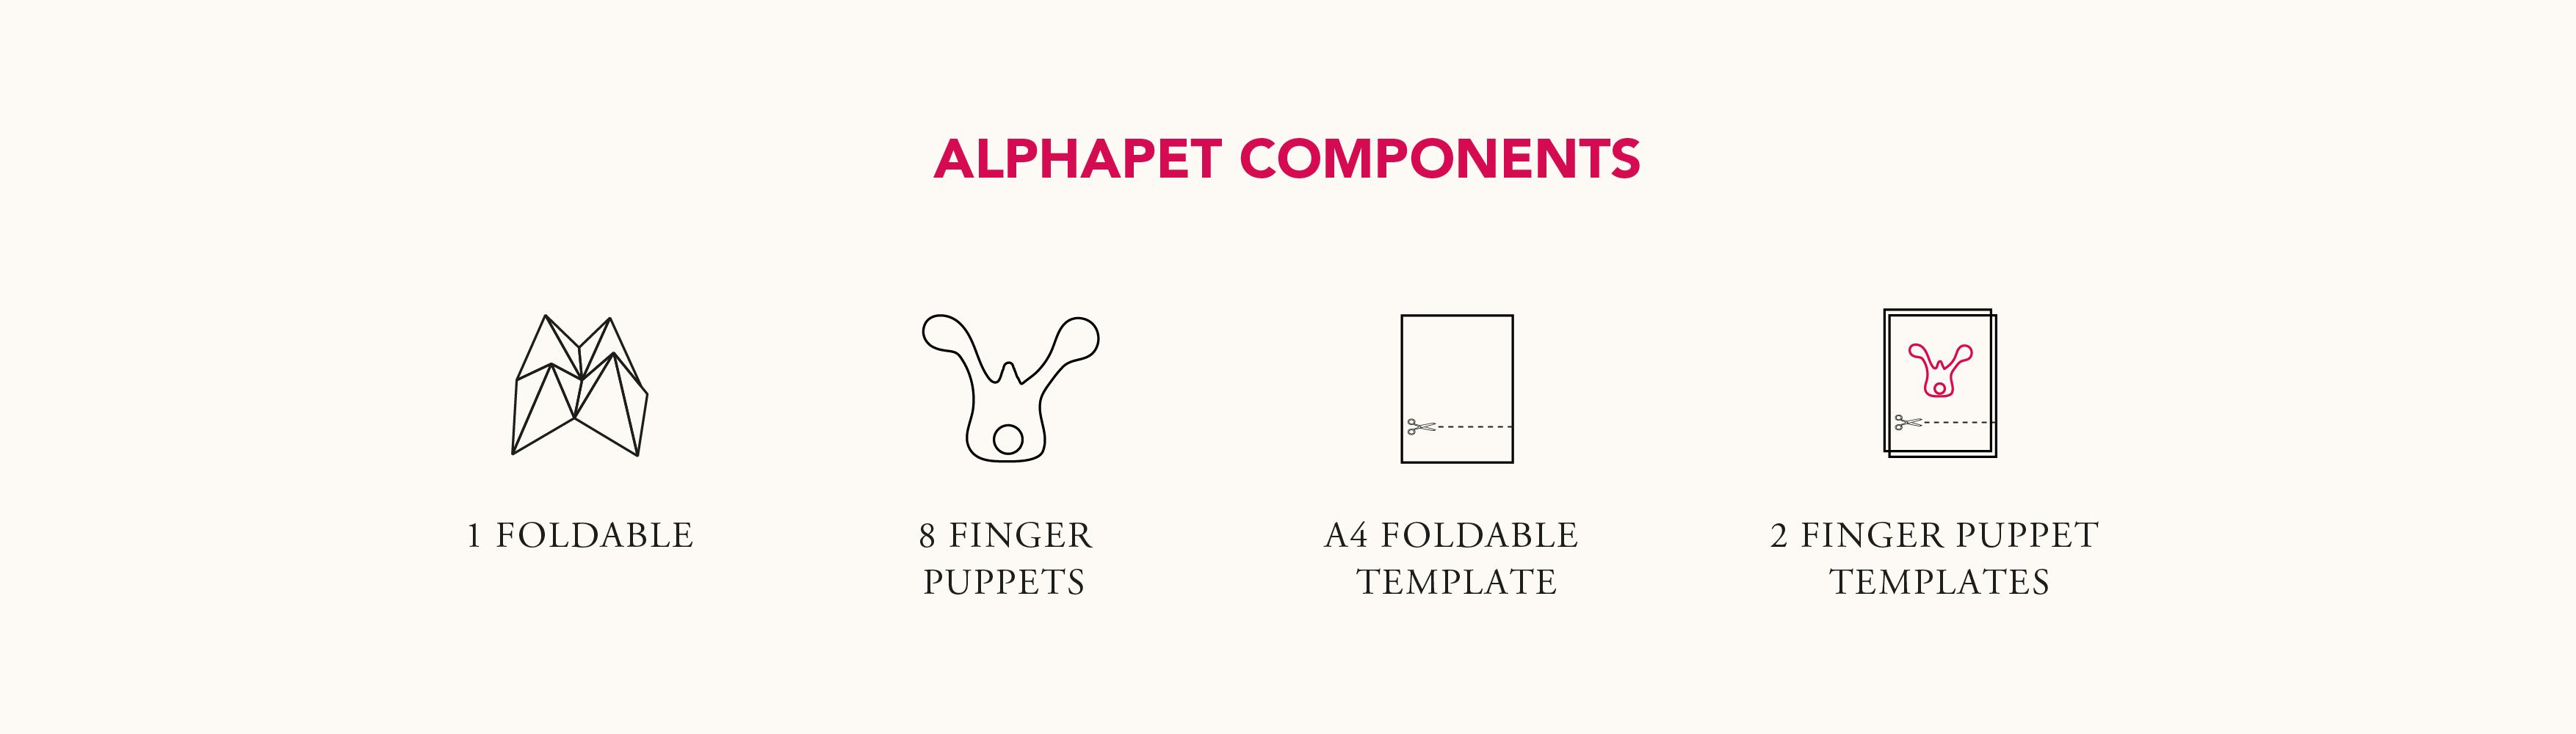 AlphaPET Components